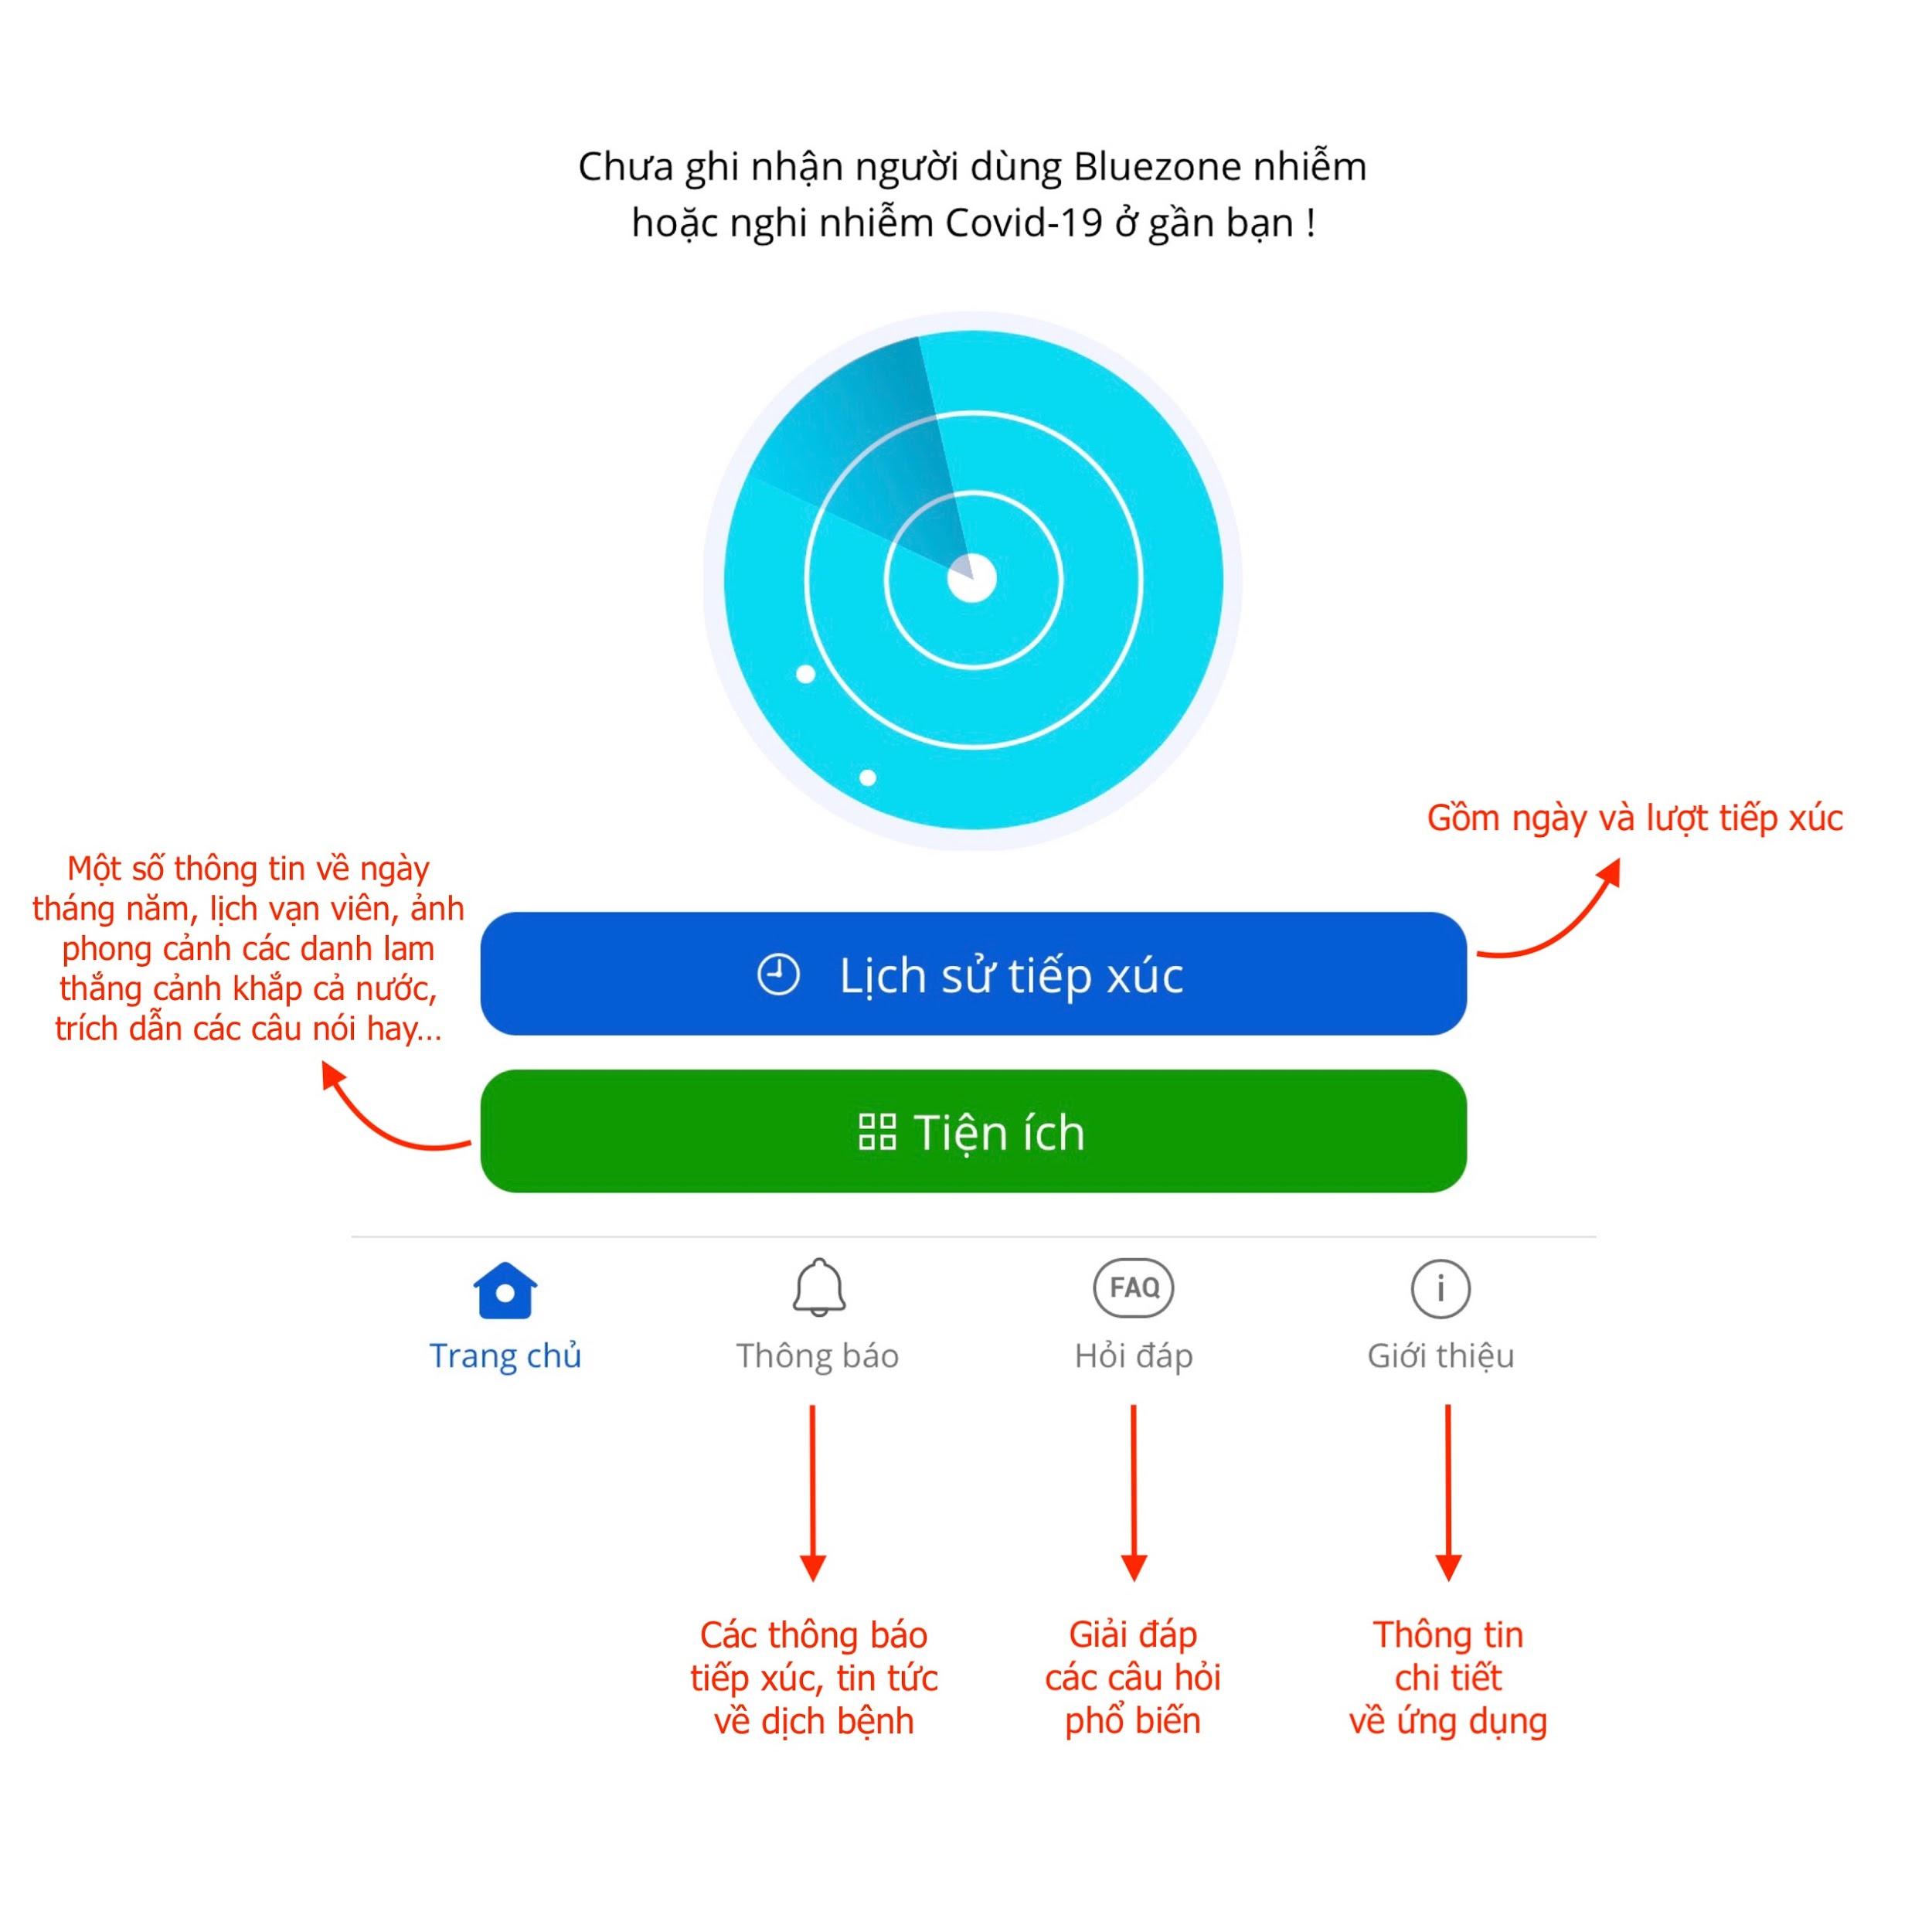 Cách xài ứng dụng Bluezone trên iPhone X rất đơn giản